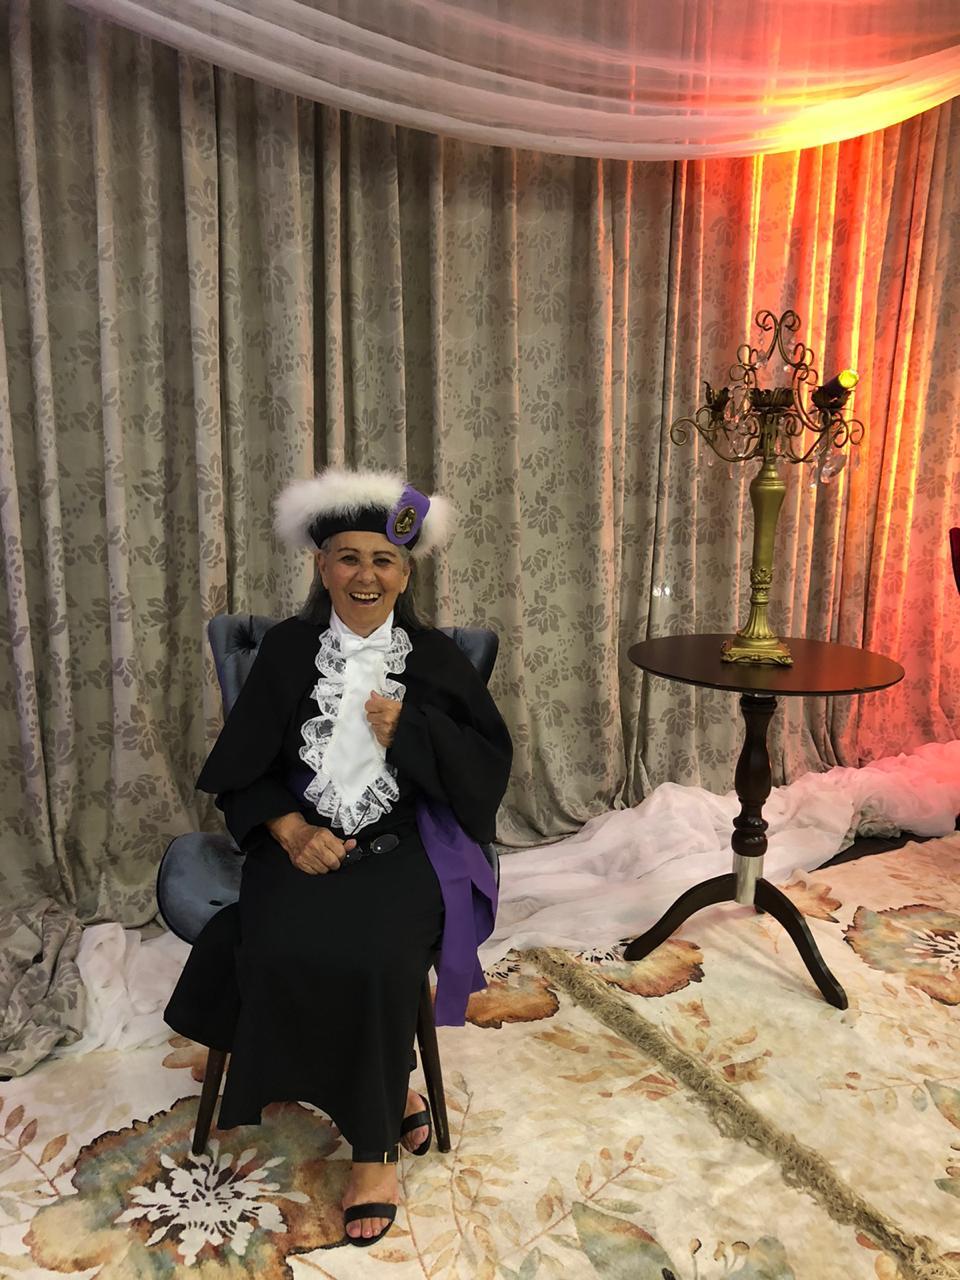 Foto vertical colorida mostra a formanda com vestes típicas sentada em uma poltrona em um fundo de cortinas e ao lado uma mesa com castiçal